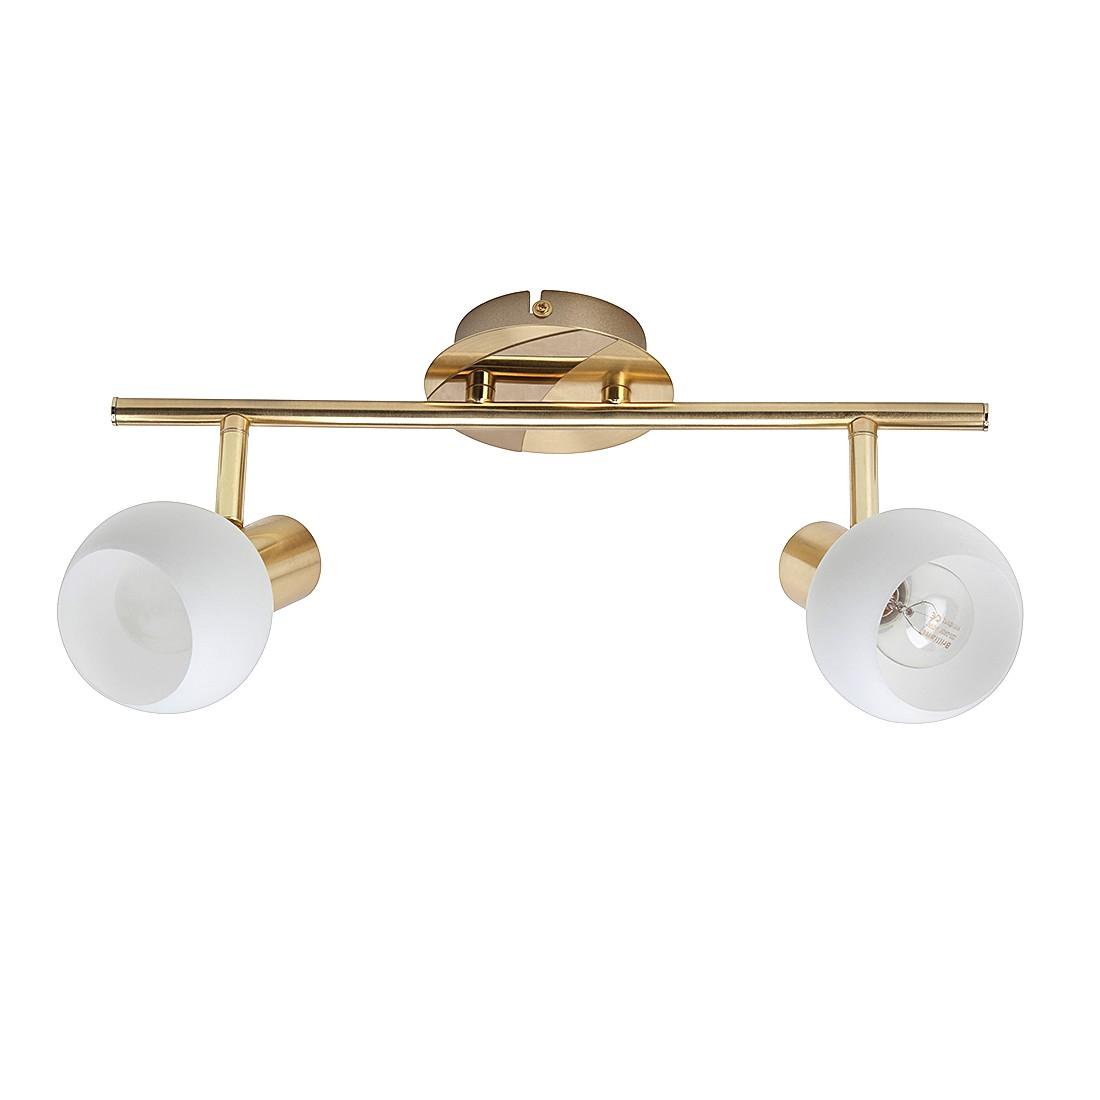 eek a deckenleuchte tiara 2 flammig brilliant g nstig online kaufen. Black Bedroom Furniture Sets. Home Design Ideas